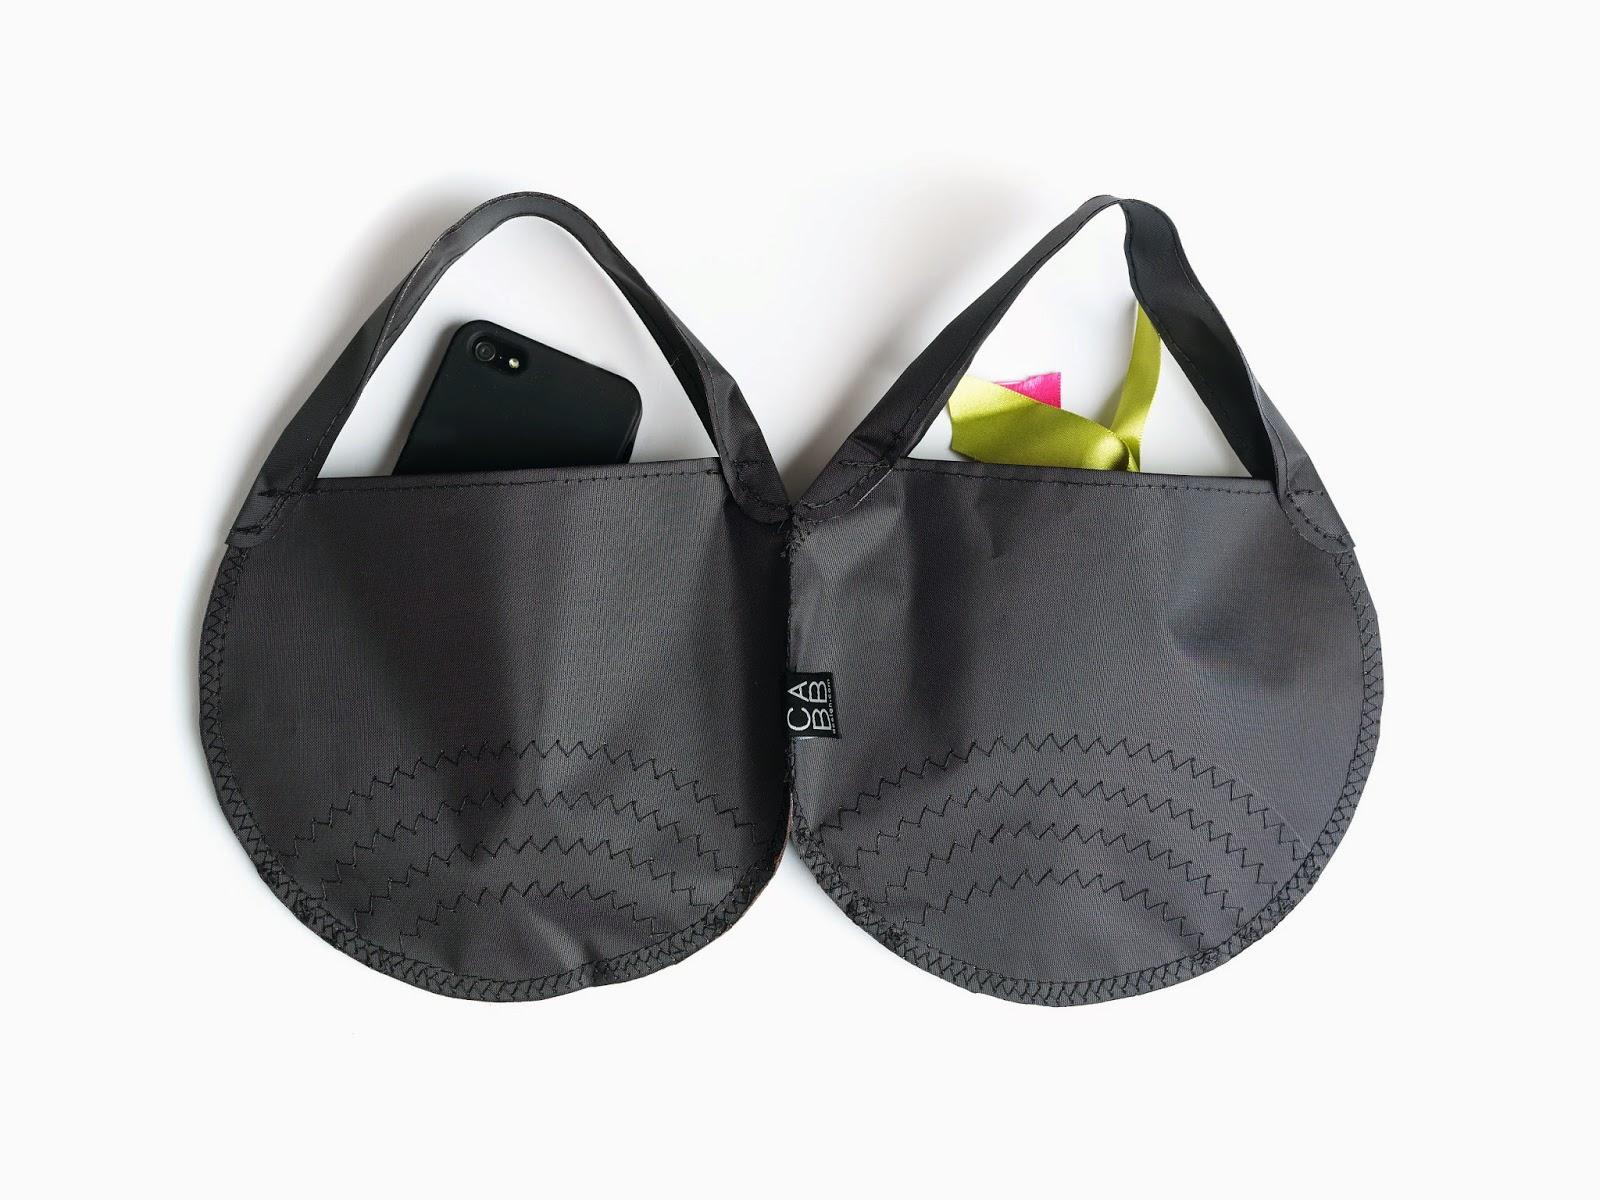 http://www.cabbdesign.com/it/vestire-donna/21-borsa-pochette.html